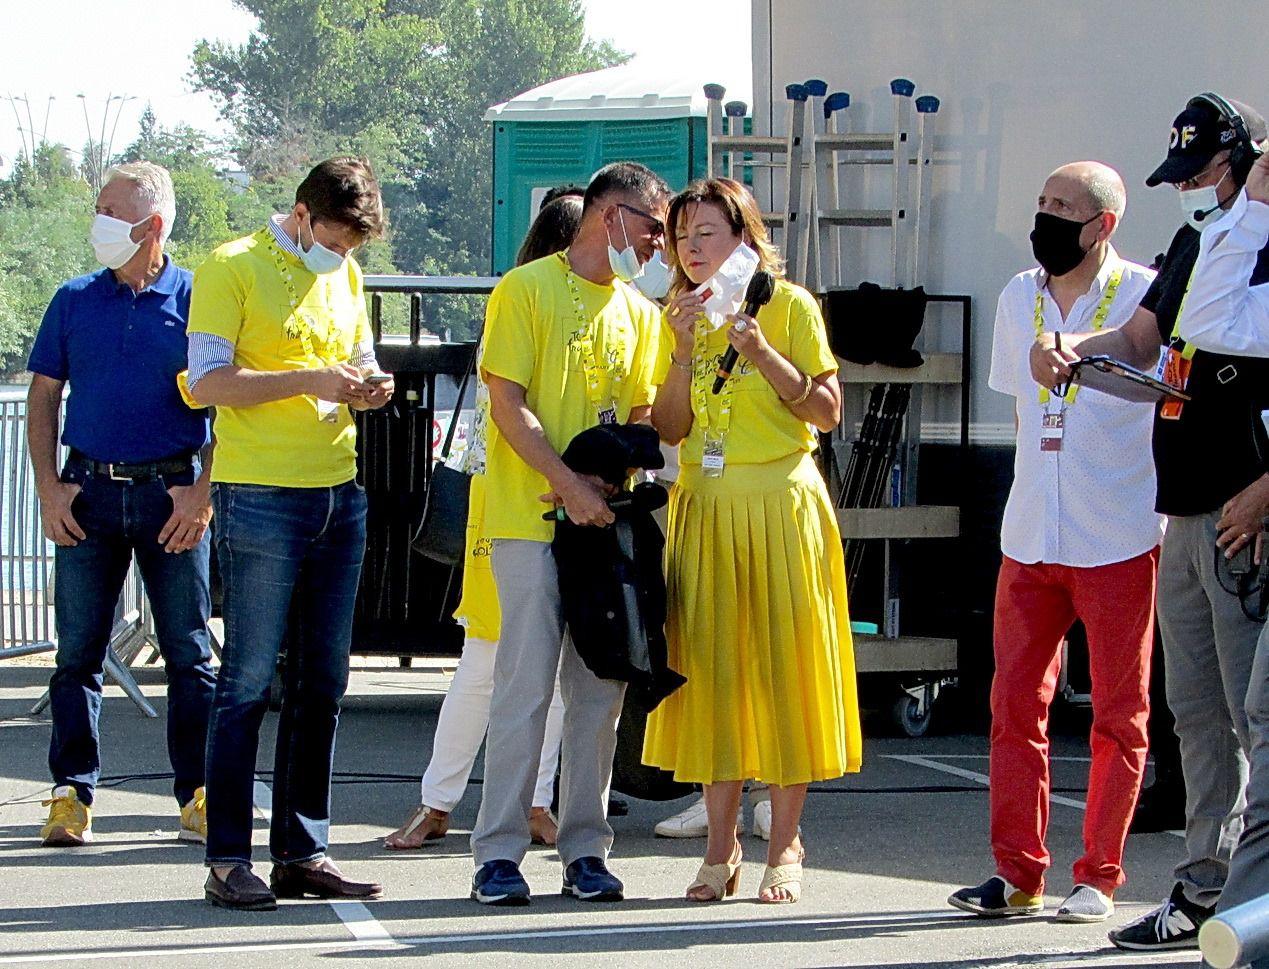 Le député Joël Aviragnet était aussi avec Carole Delga, samedi, à Cazères (Photo : Facebook)